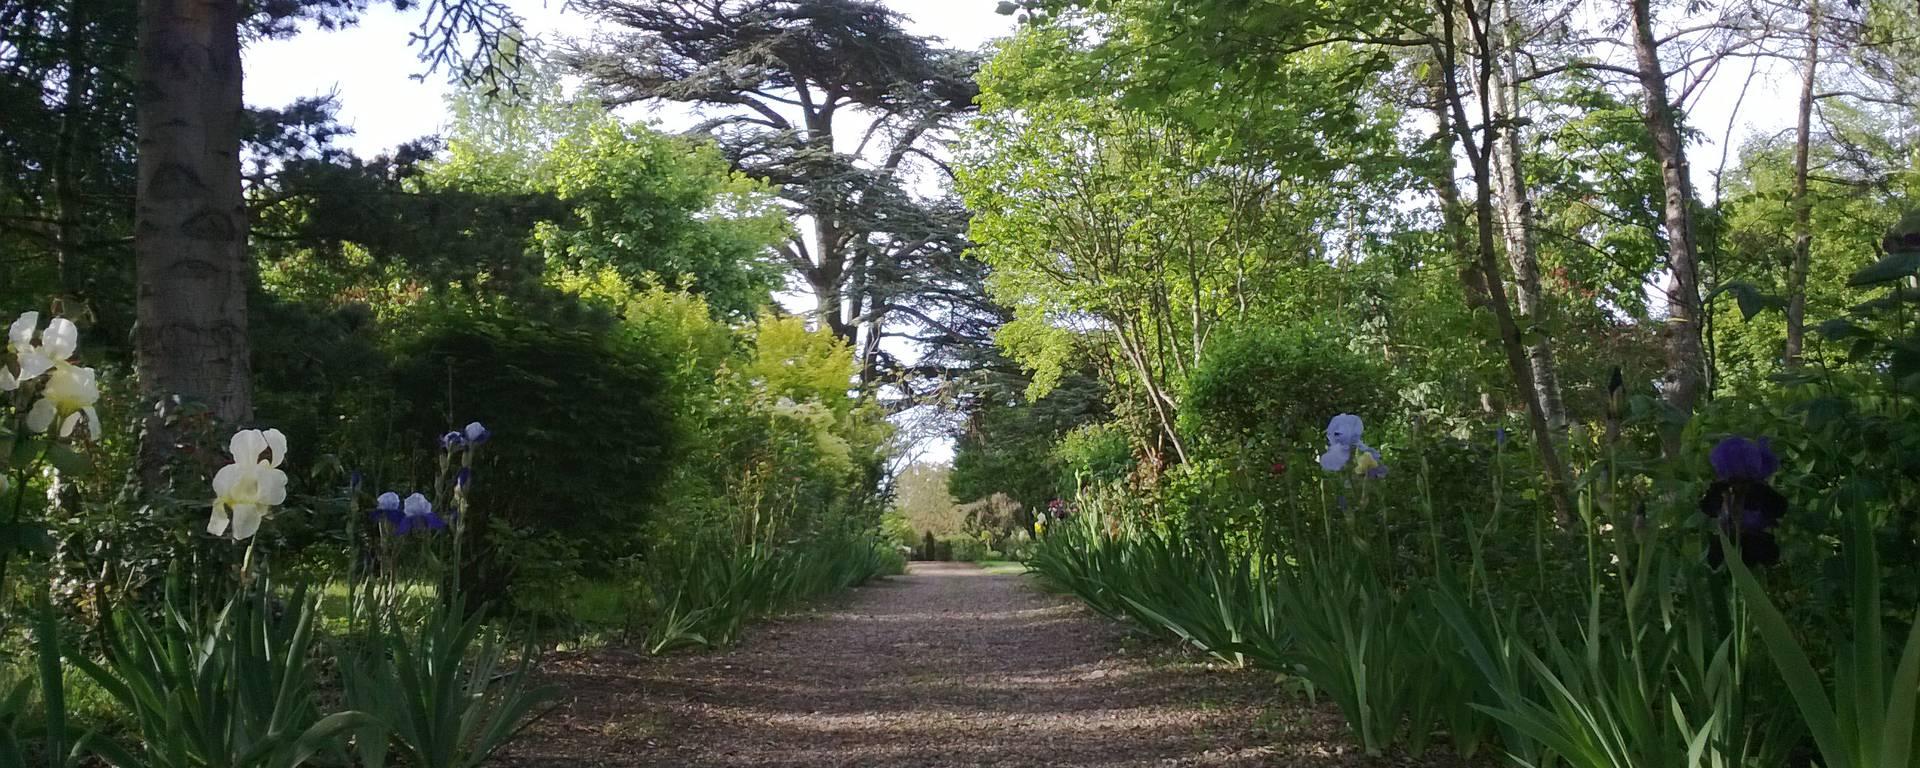 Jardines del priorato de Orchaise cerca de Blois